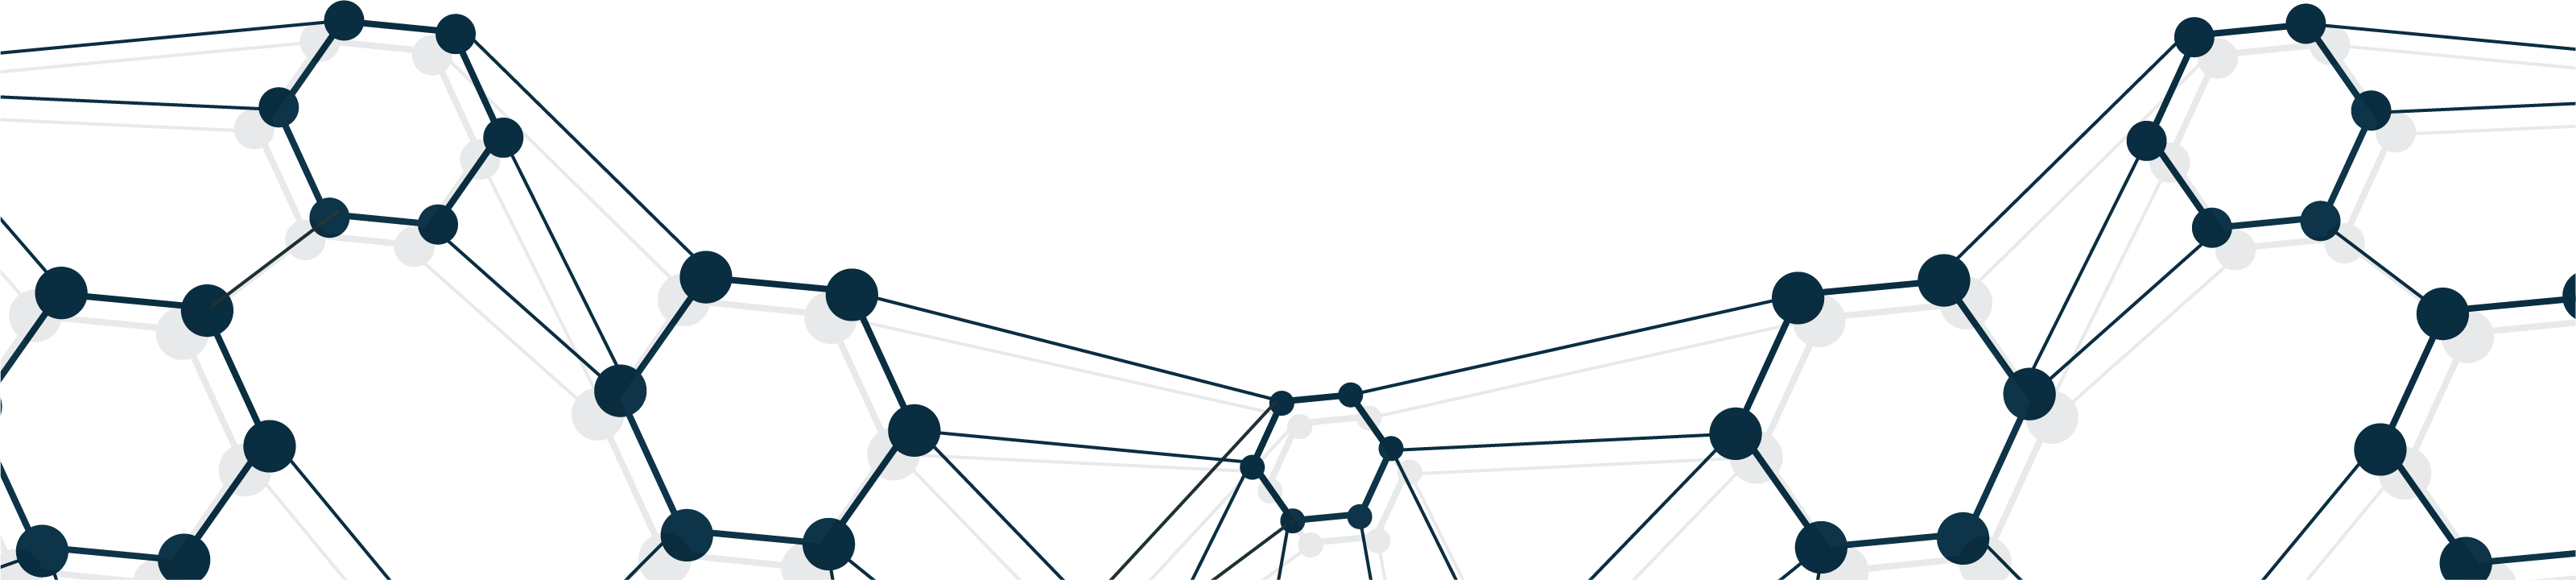 Graphic design of molecules